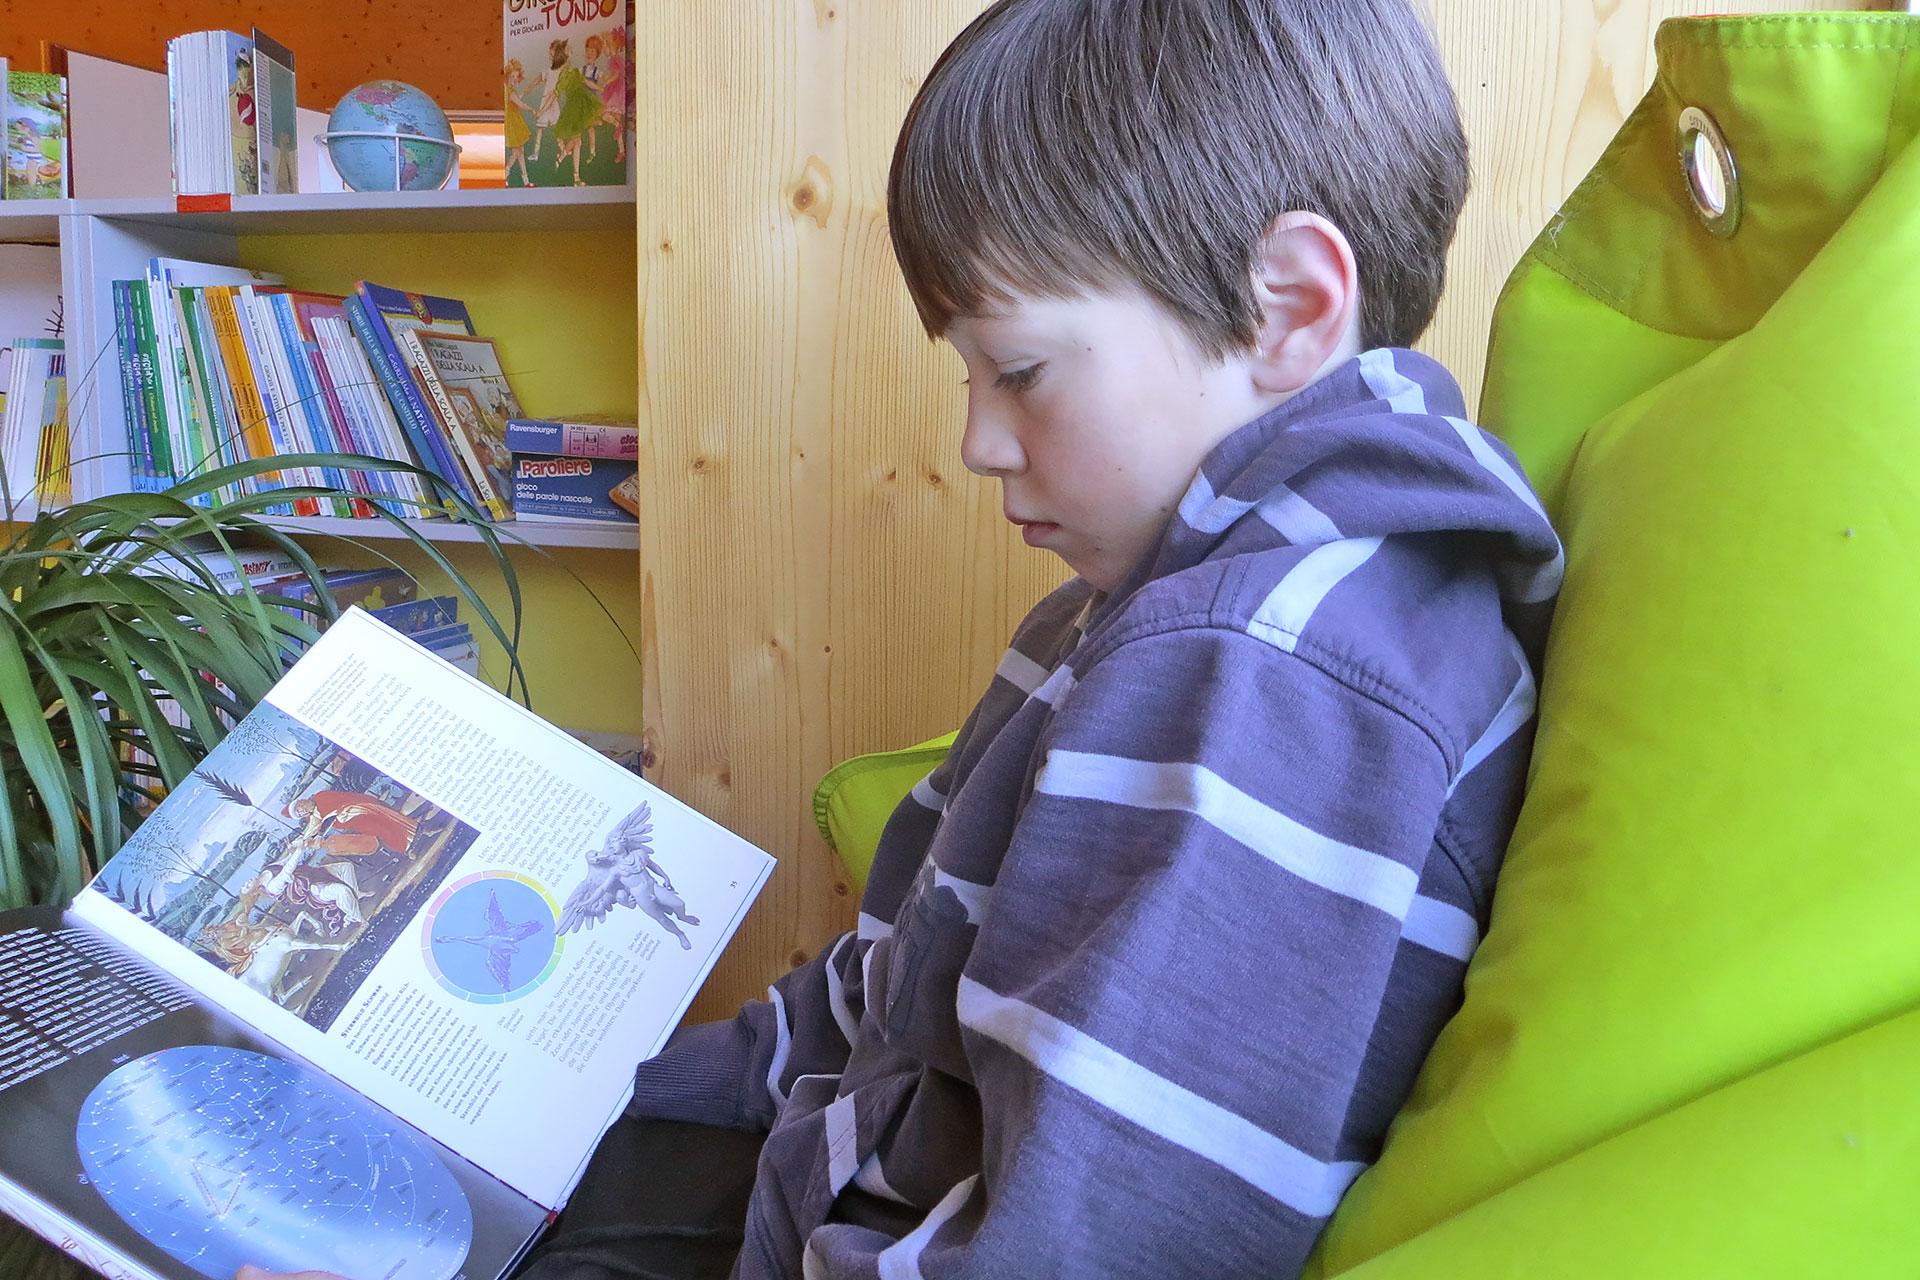 ein Schüler liest ein Buch auf einem Sitzsack